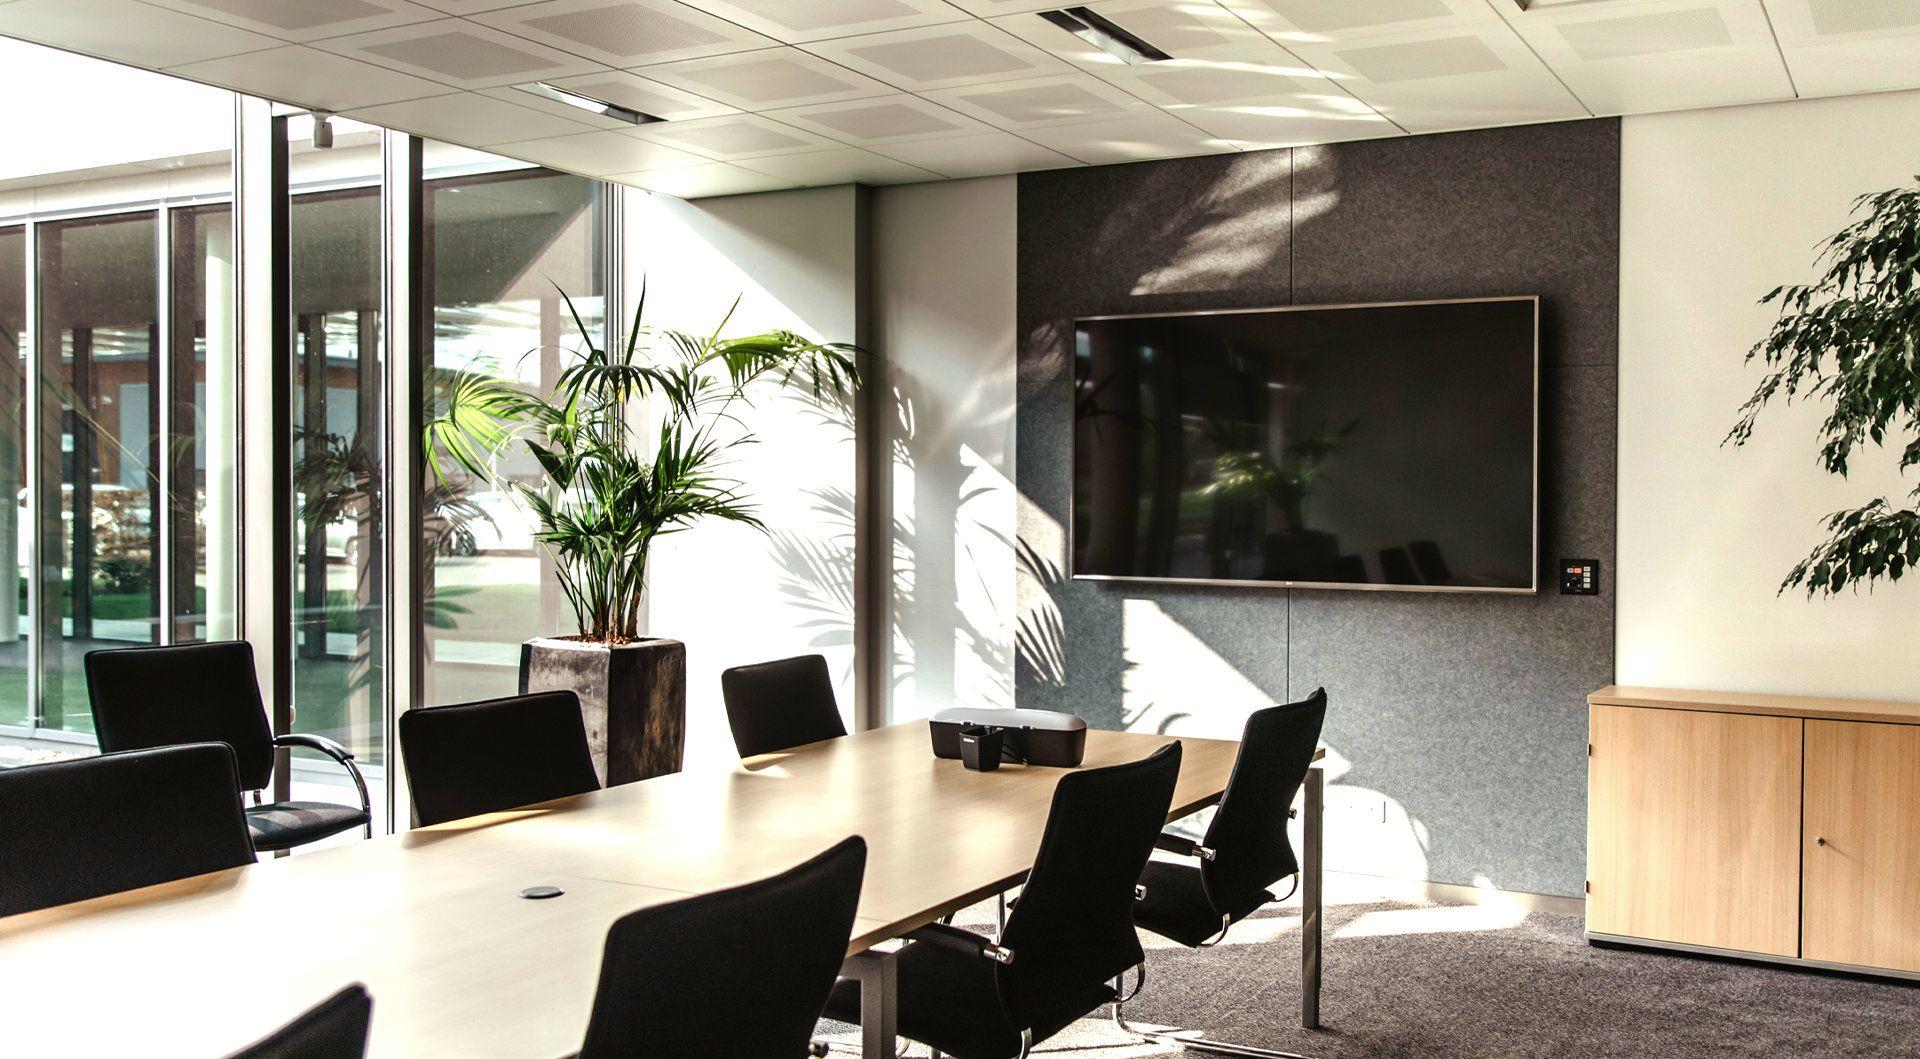 """Projecta Hapro CSR projectiescherm 3,33 m (131"""") 16:9 - Case studie de vries"""